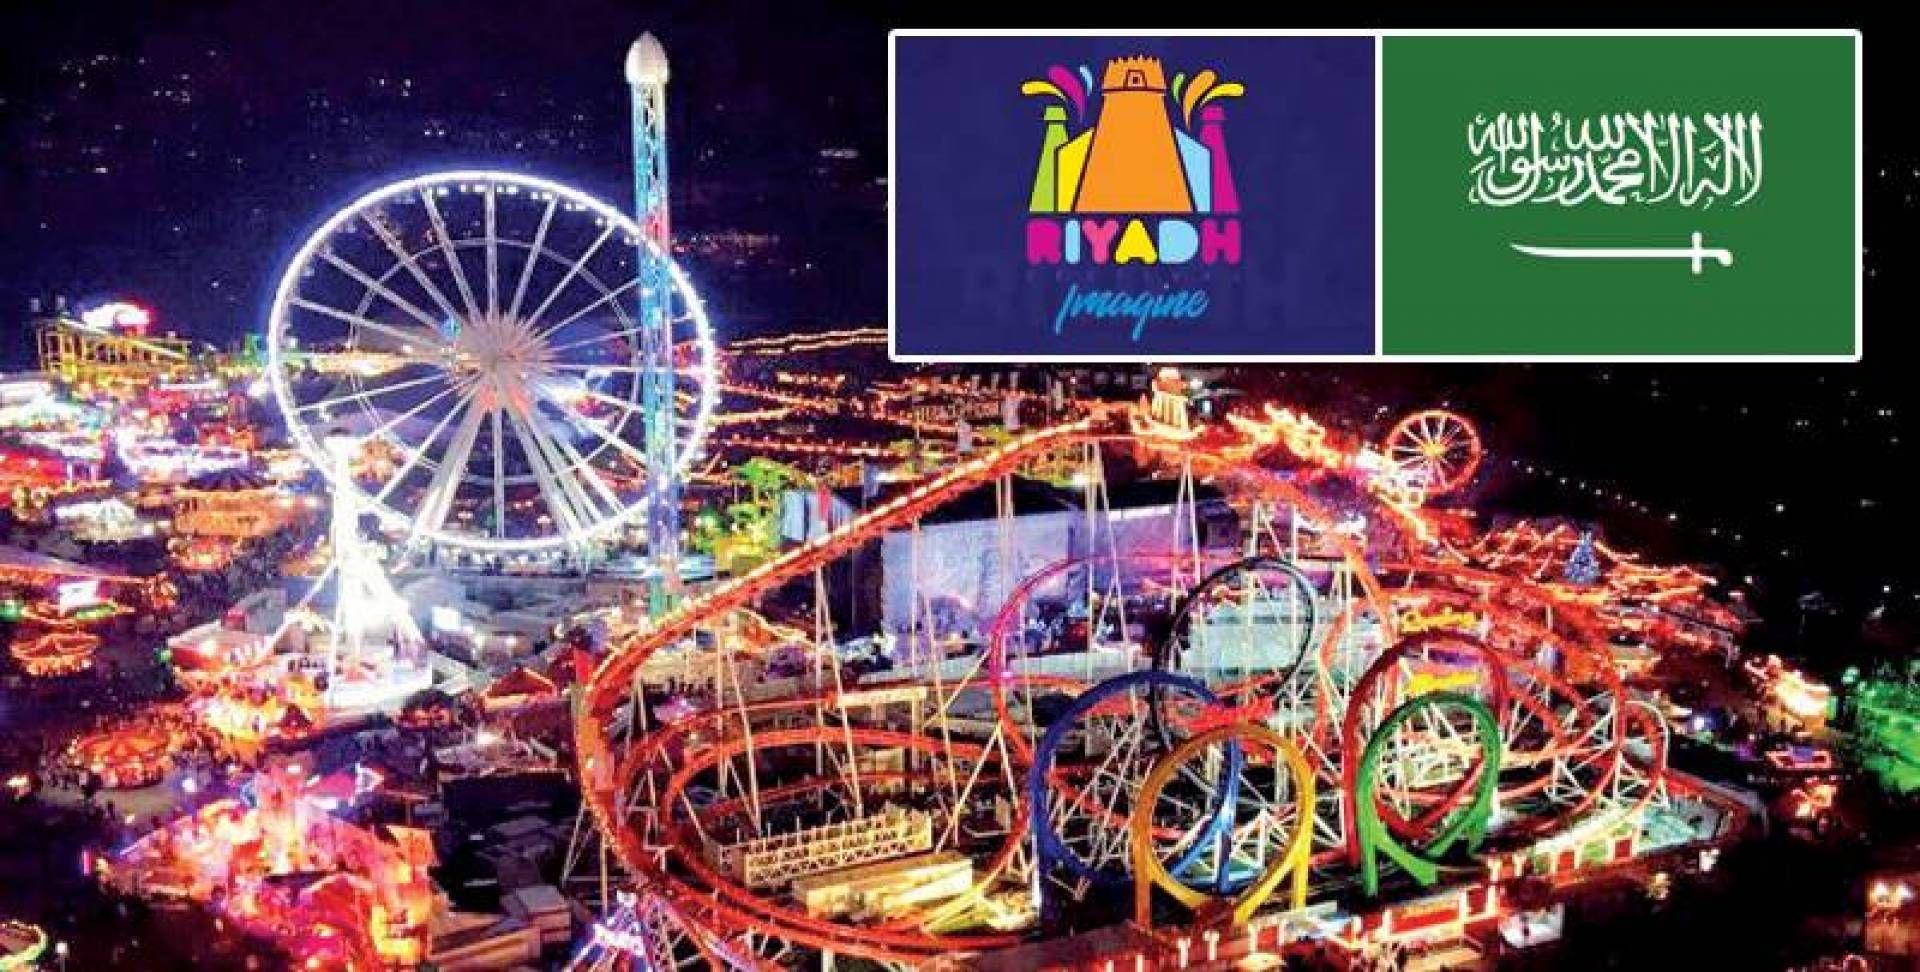 وندر لاند الرياض Fair Grounds Ferris Travel